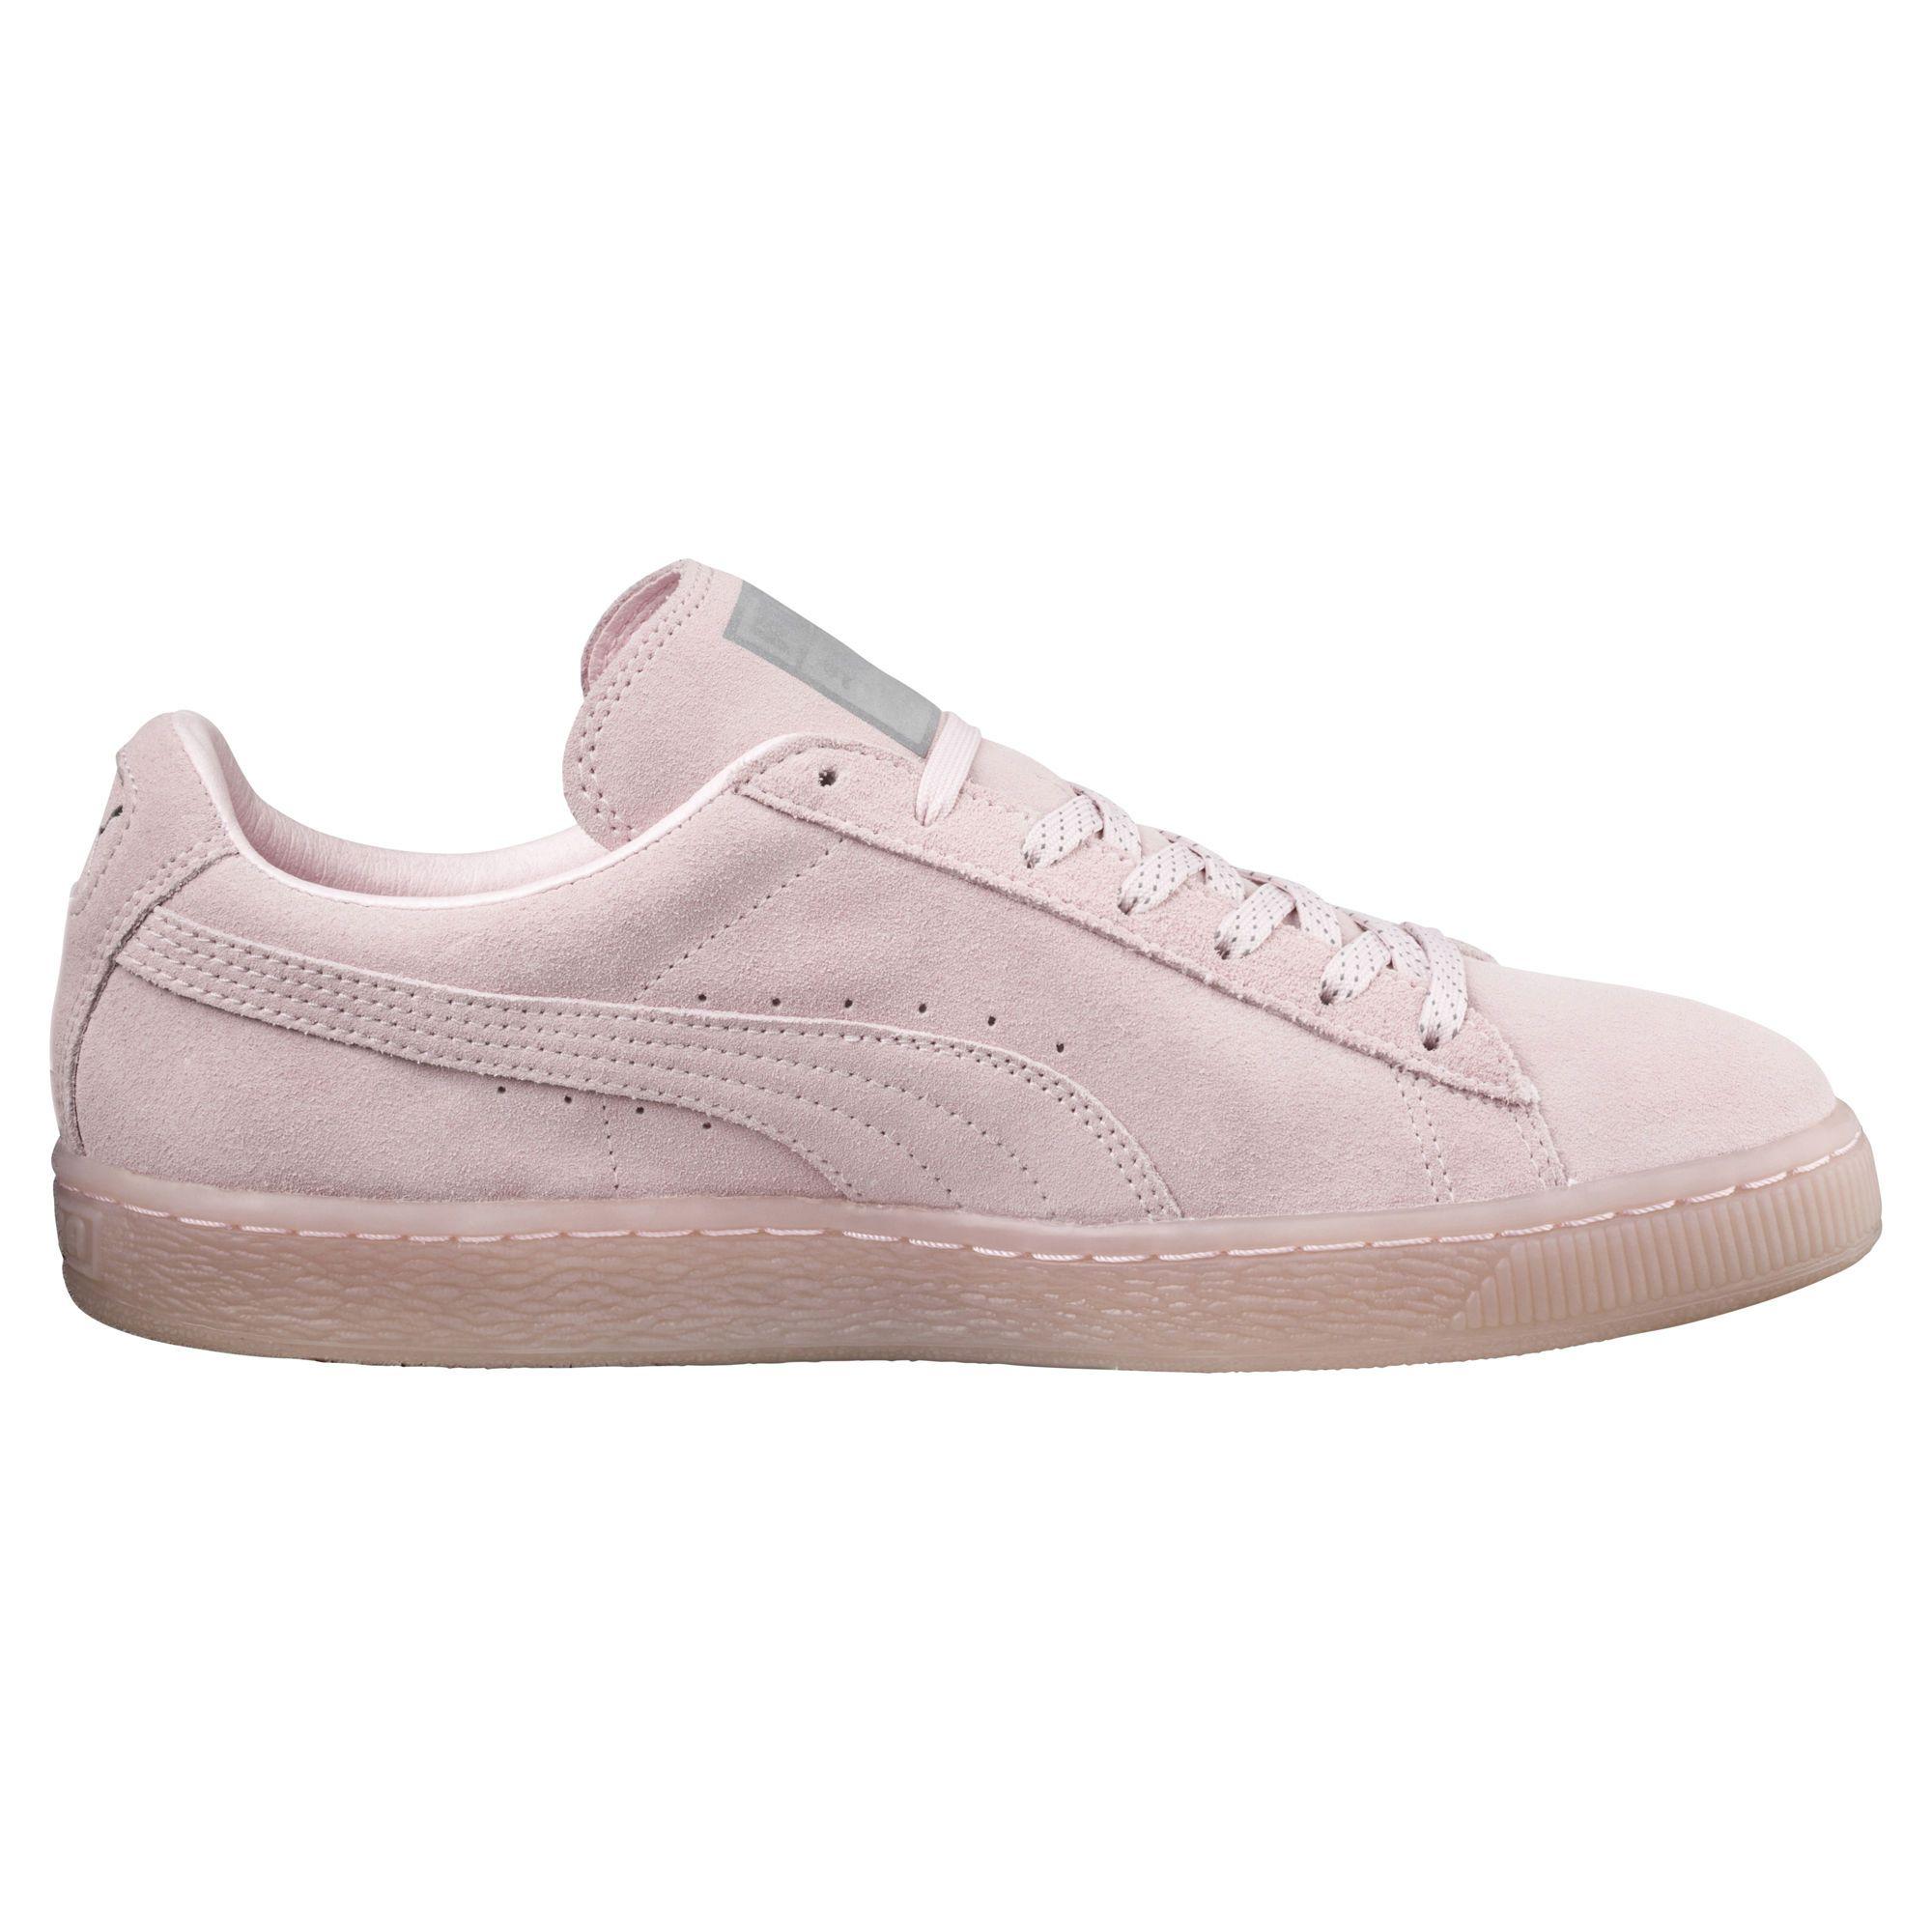 97b0ed8289e4 Zapatillas Suede Classic Mono Ref Iced - Color pink dogwood-puma silver